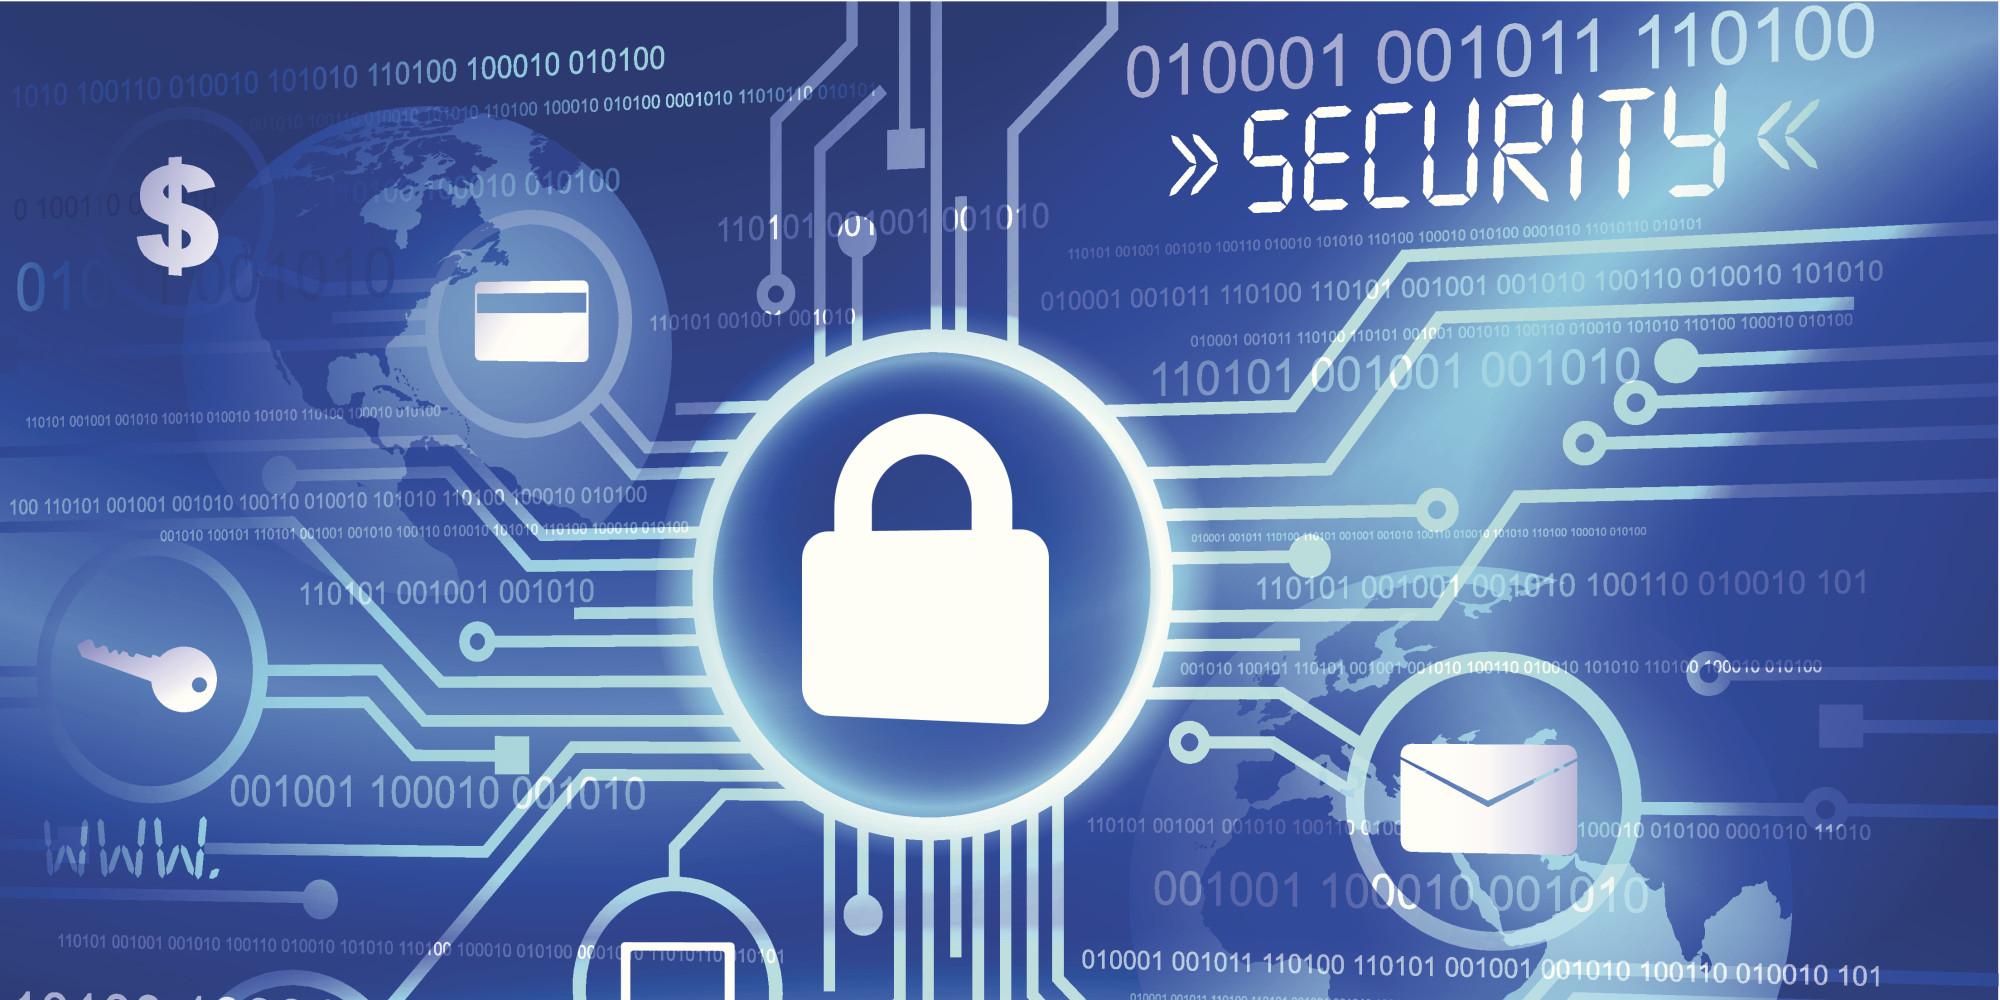 साइबर सुरक्षा की समस्या